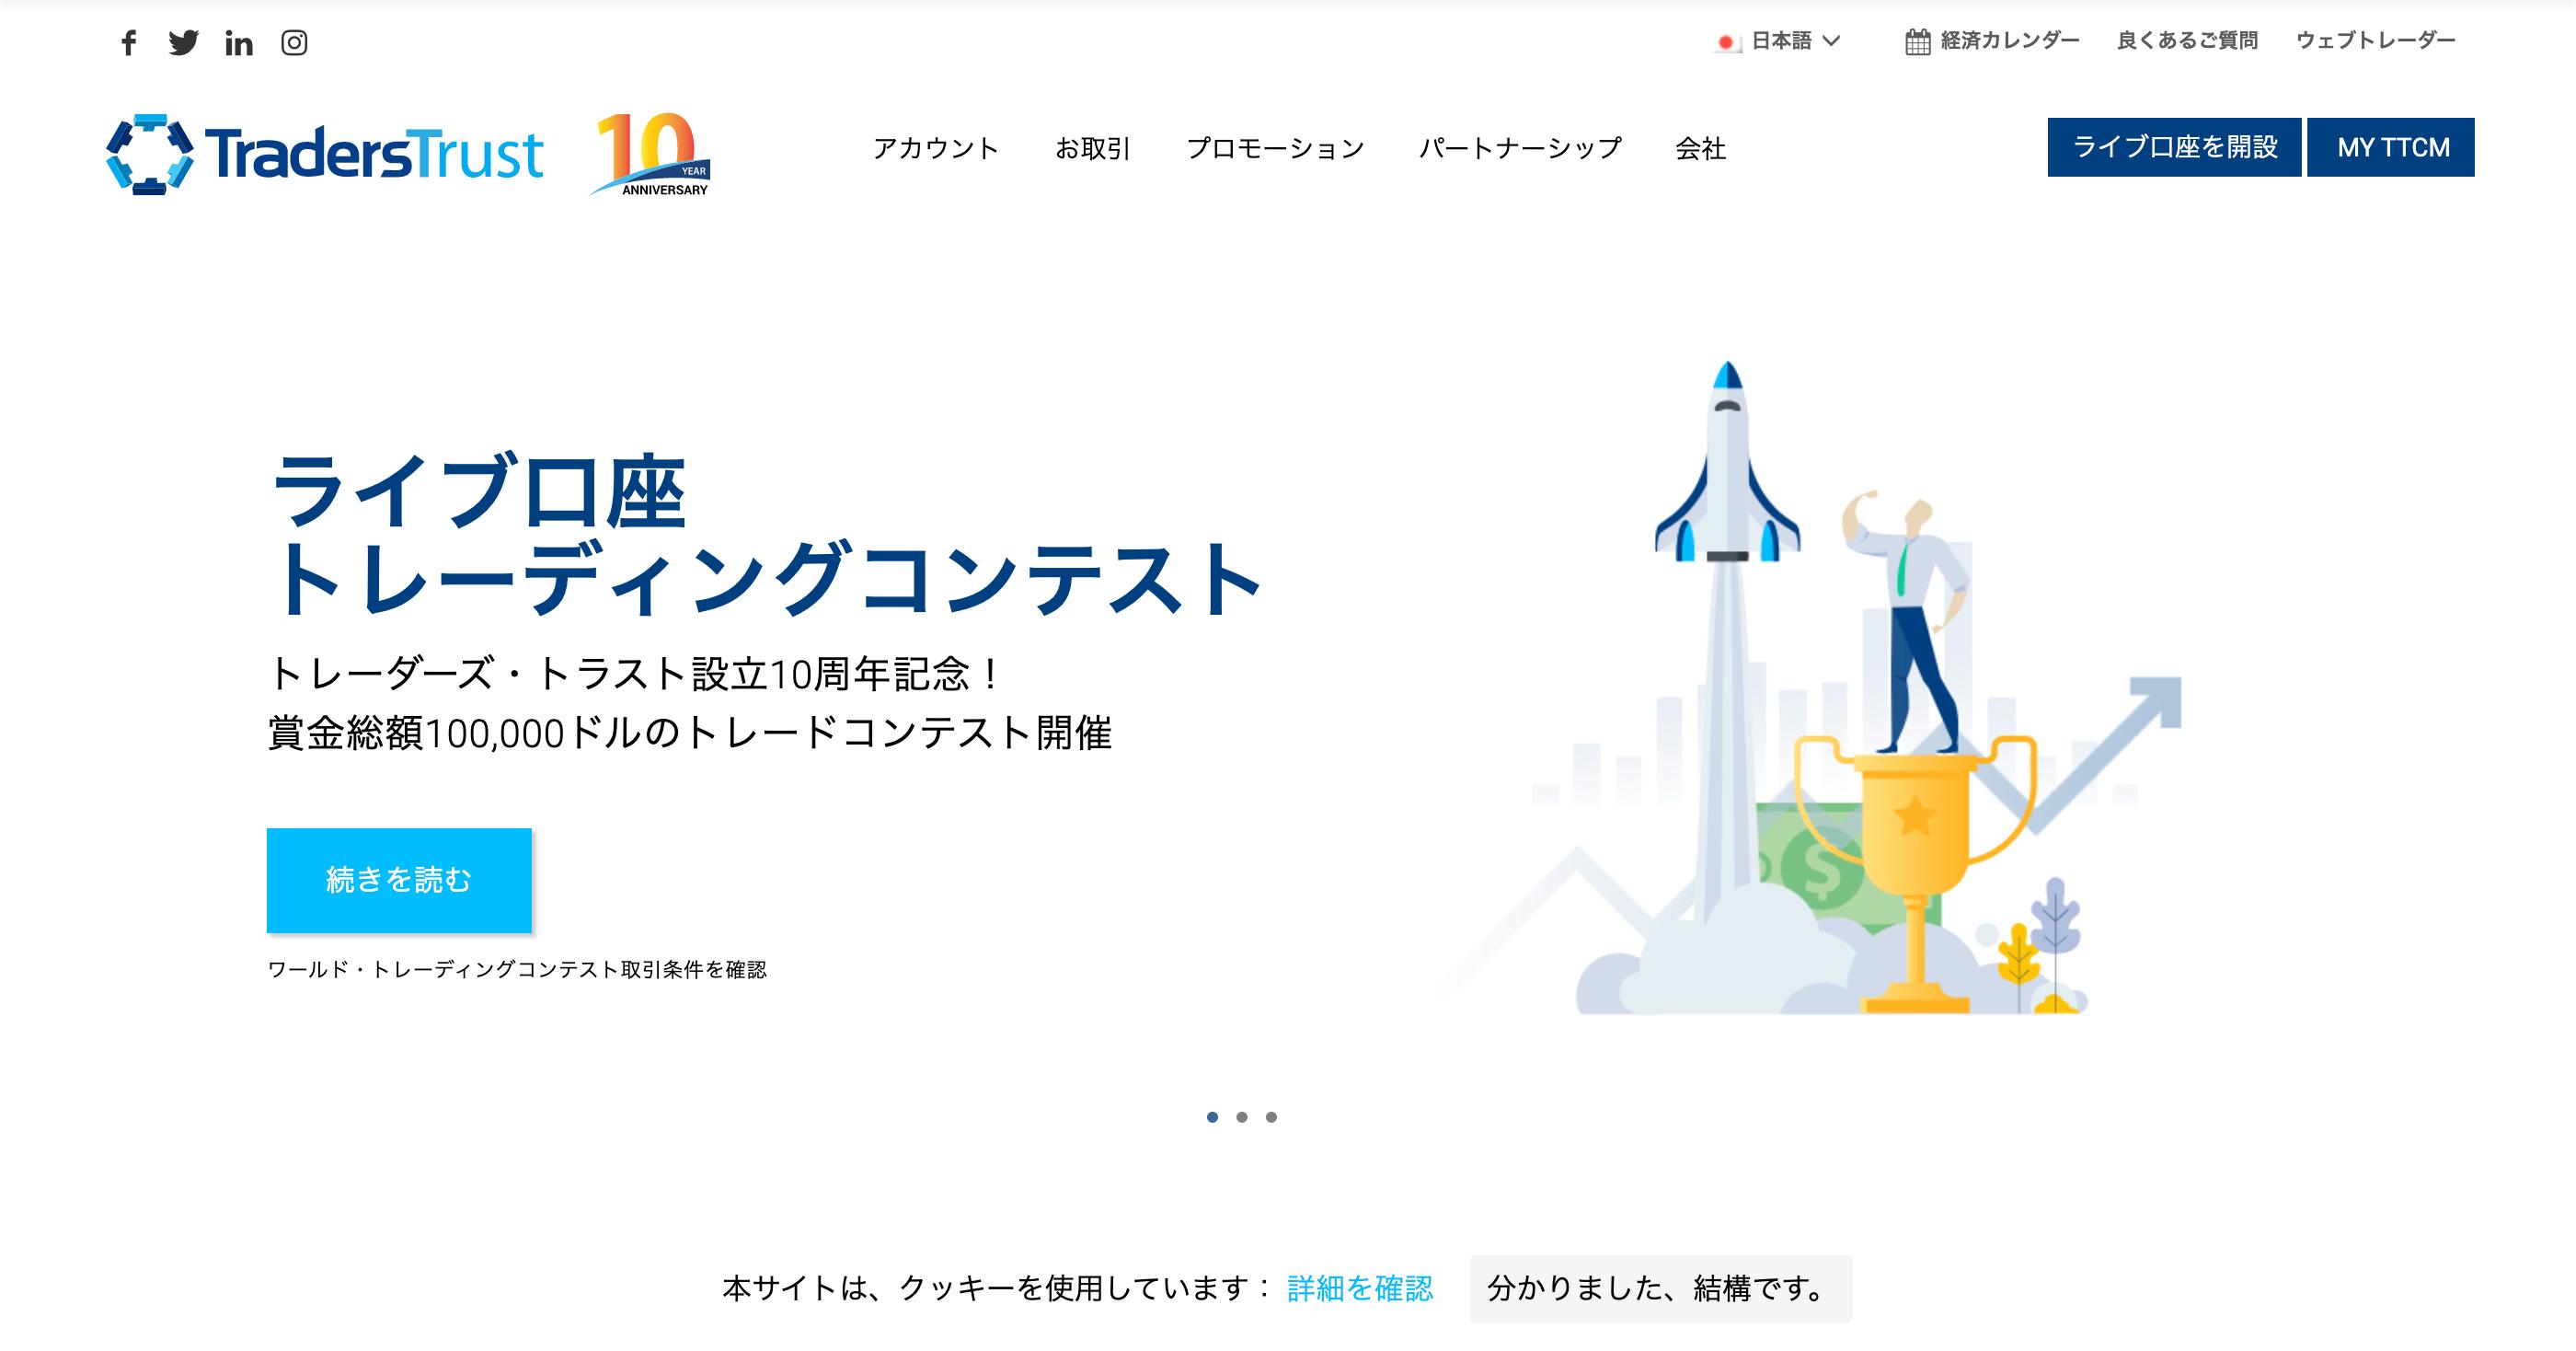 TradersTrust 公式サイト